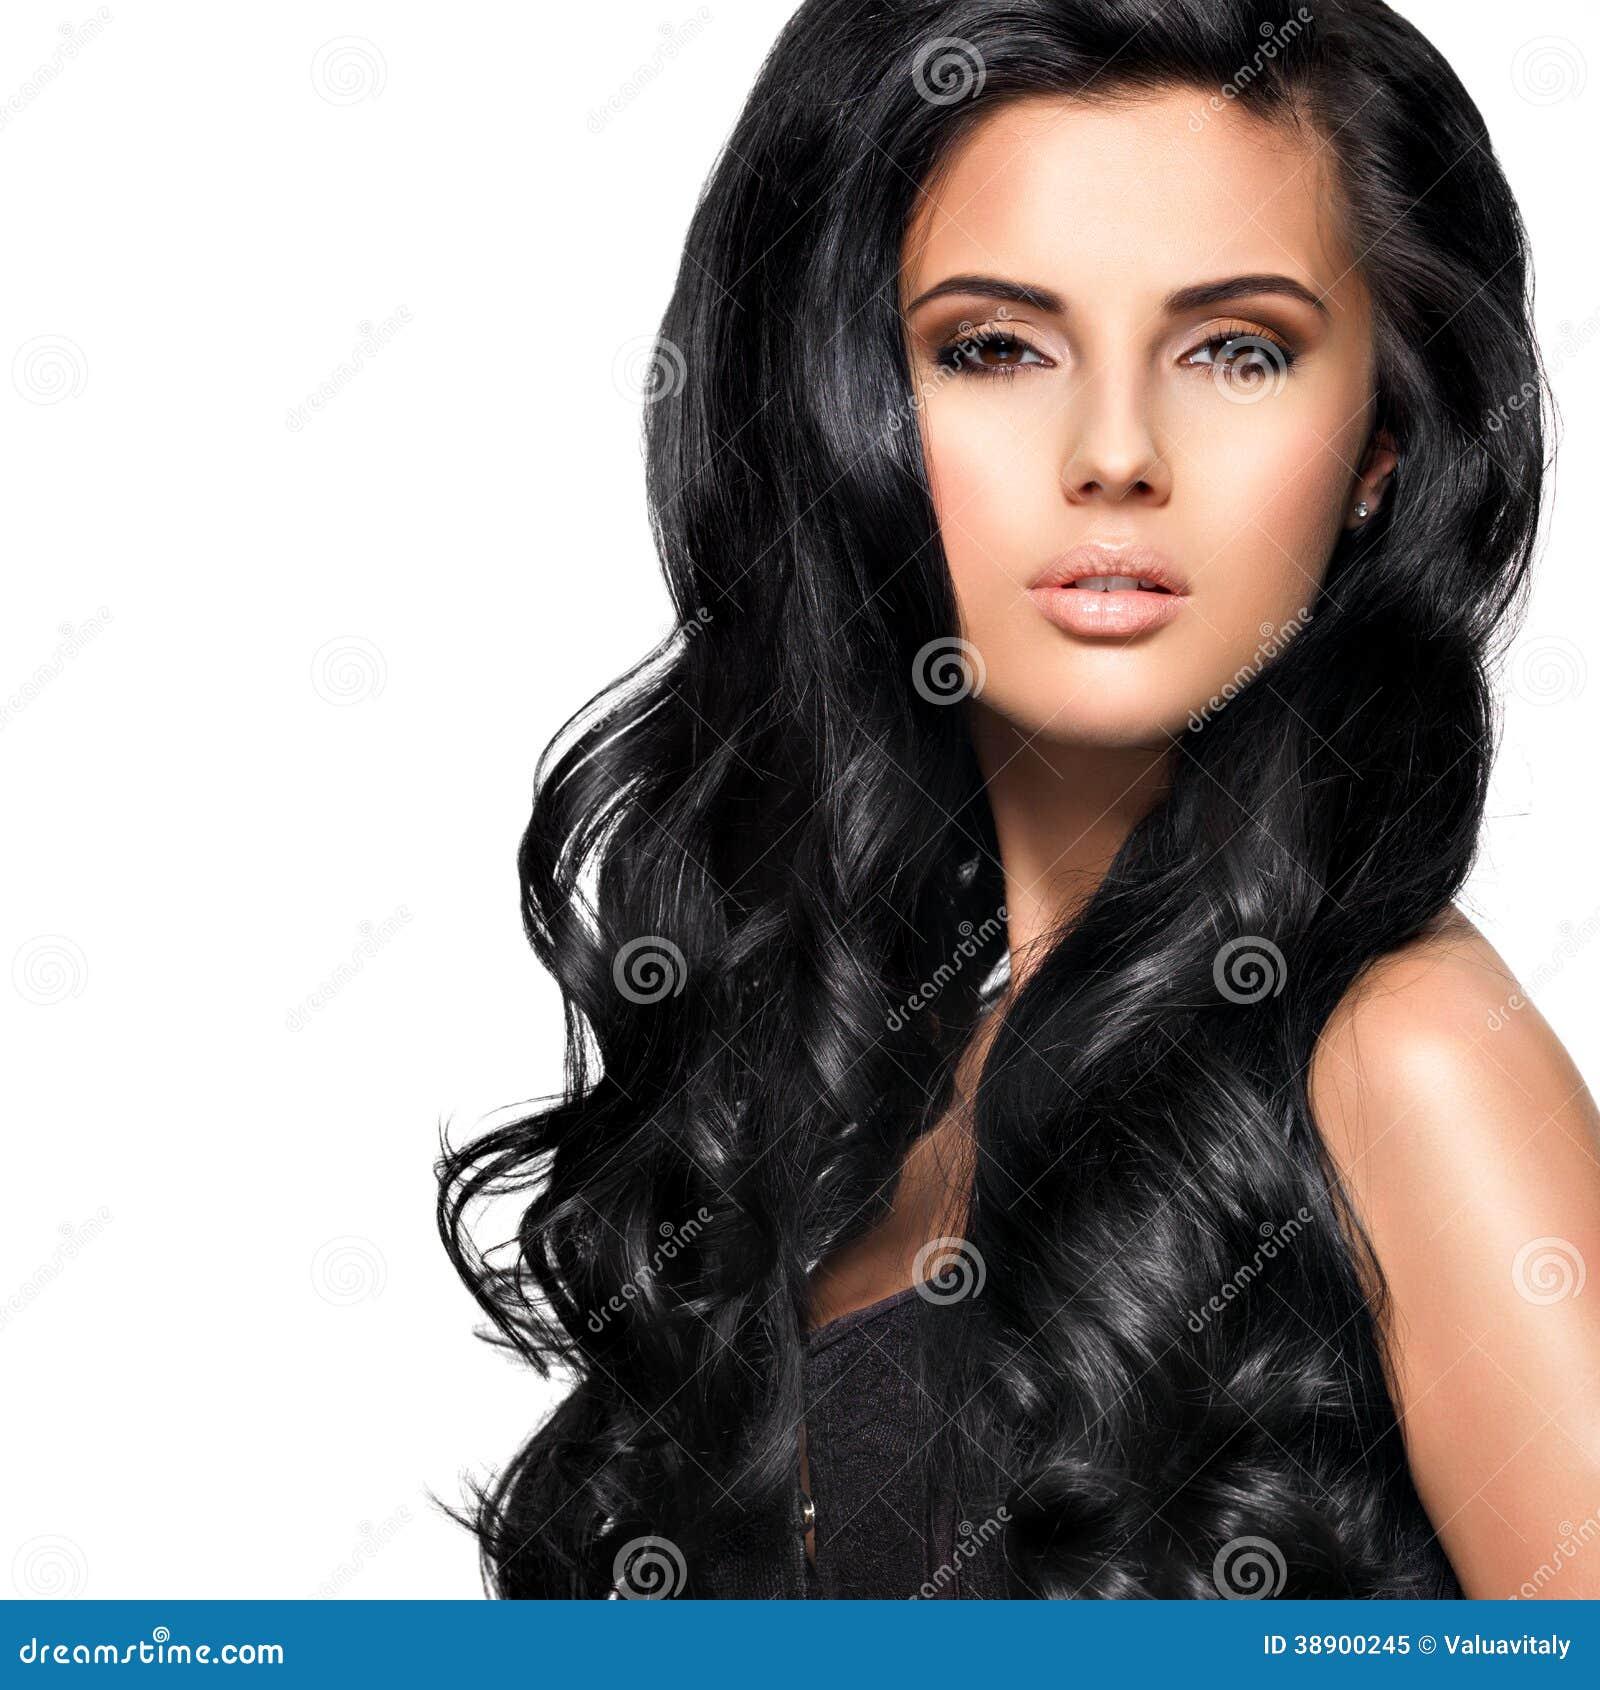 mulher-moreno-bonita-com-cabelo-preto-longo-38900245.jpg